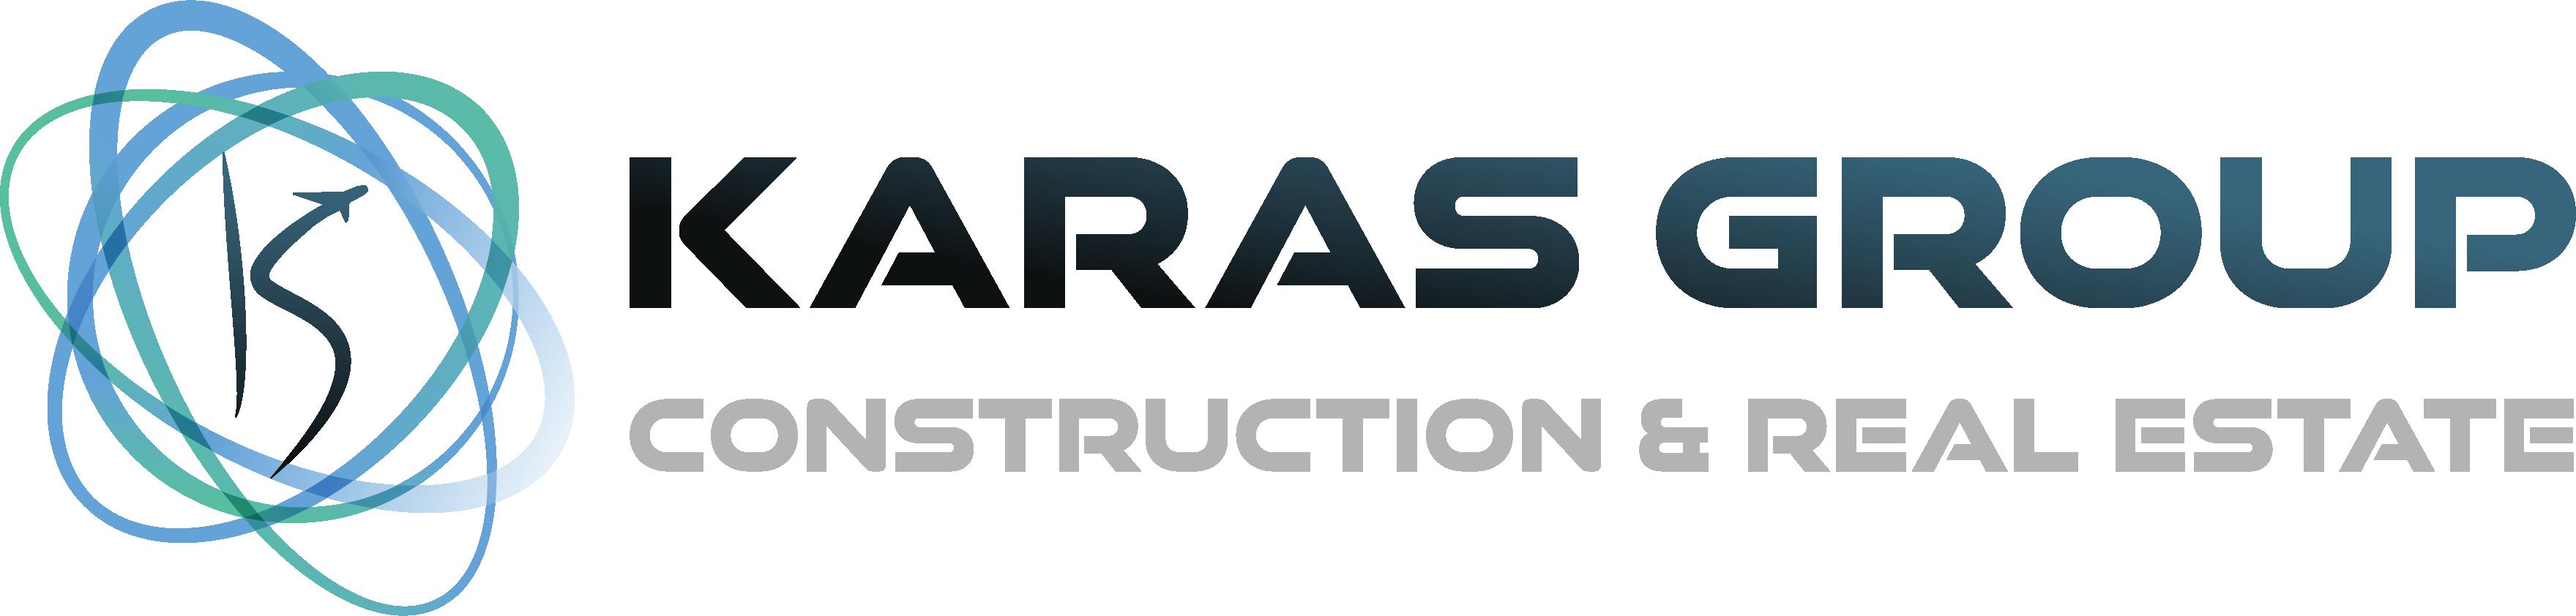 Karas Group